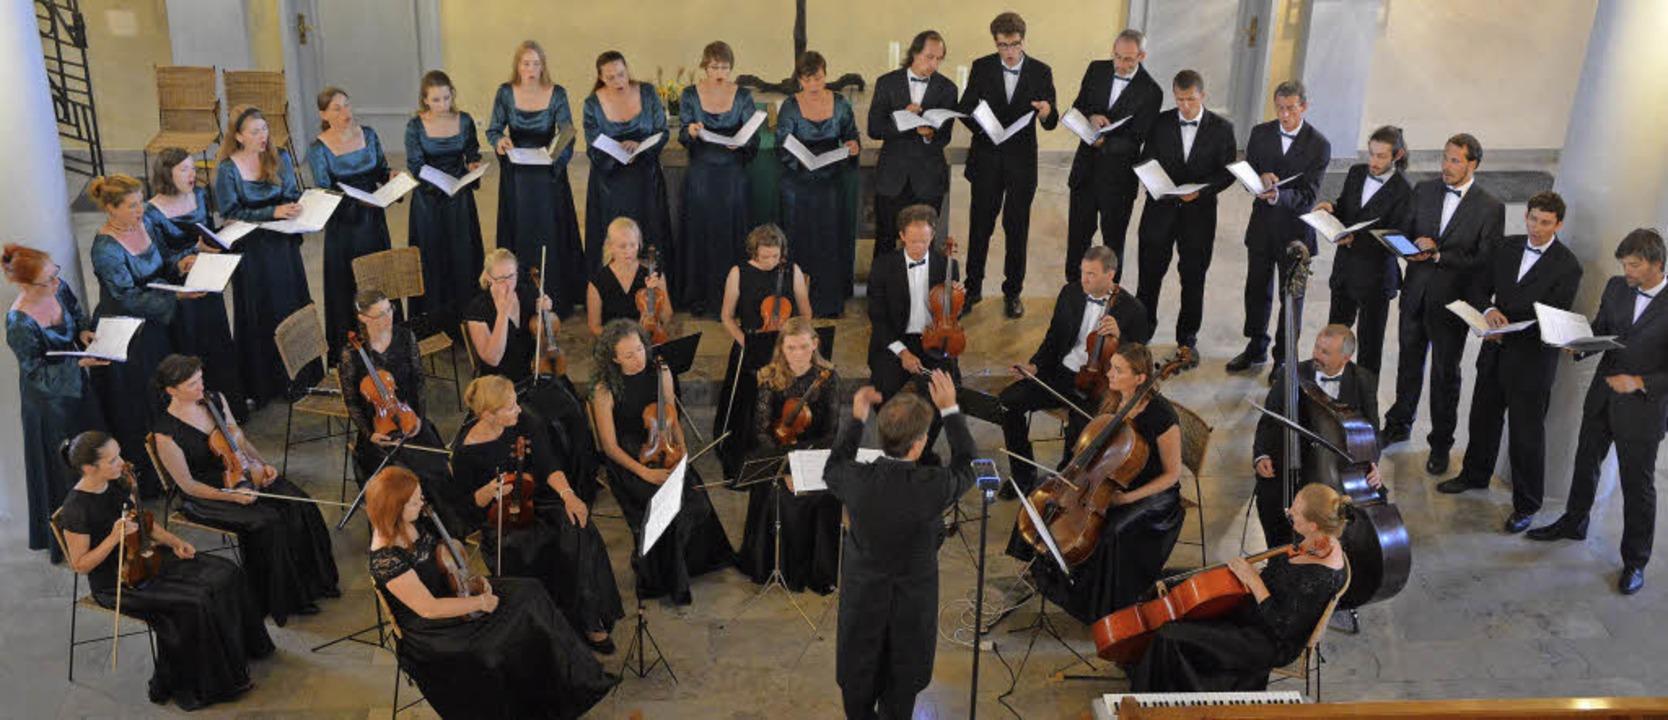 Schöne Stimmen: die Sängerinnen und Sä...Choro aus Prag samt Instrumentalisten   | Foto: Ruda